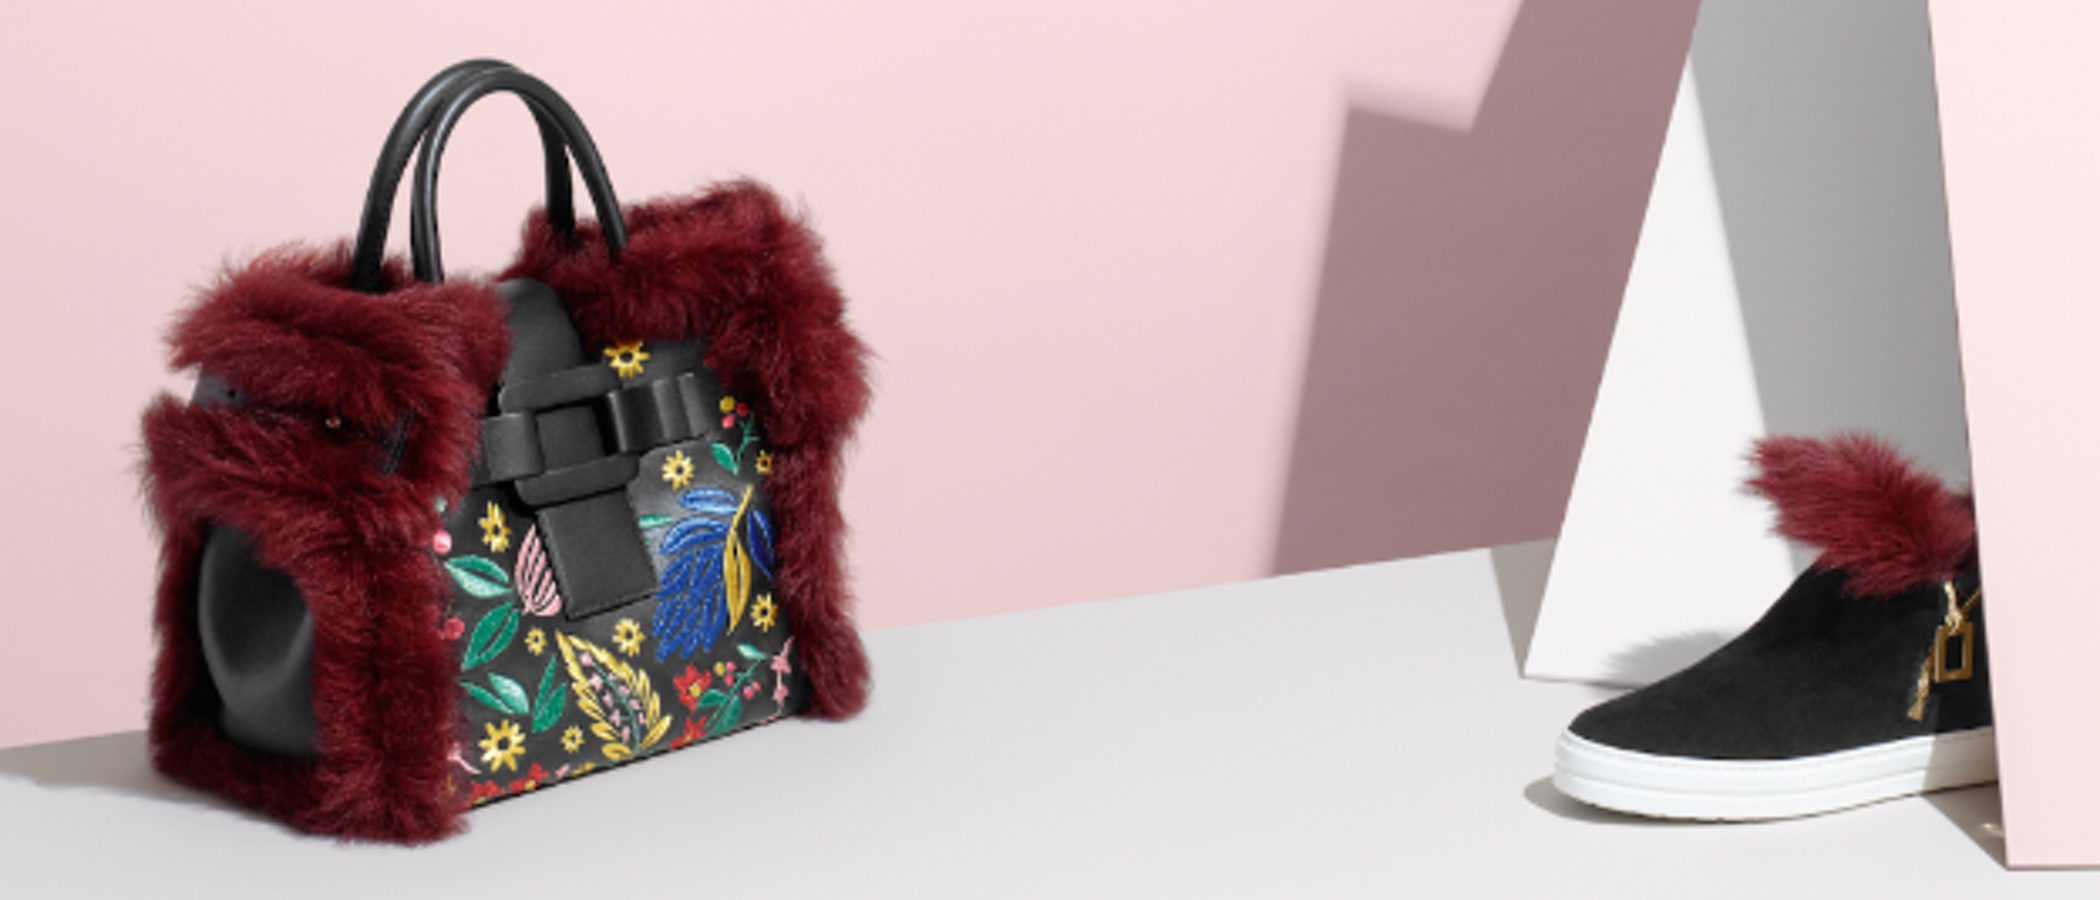 La nueva colección 'Ottowoman' de Roger Vivier con aires exóticos